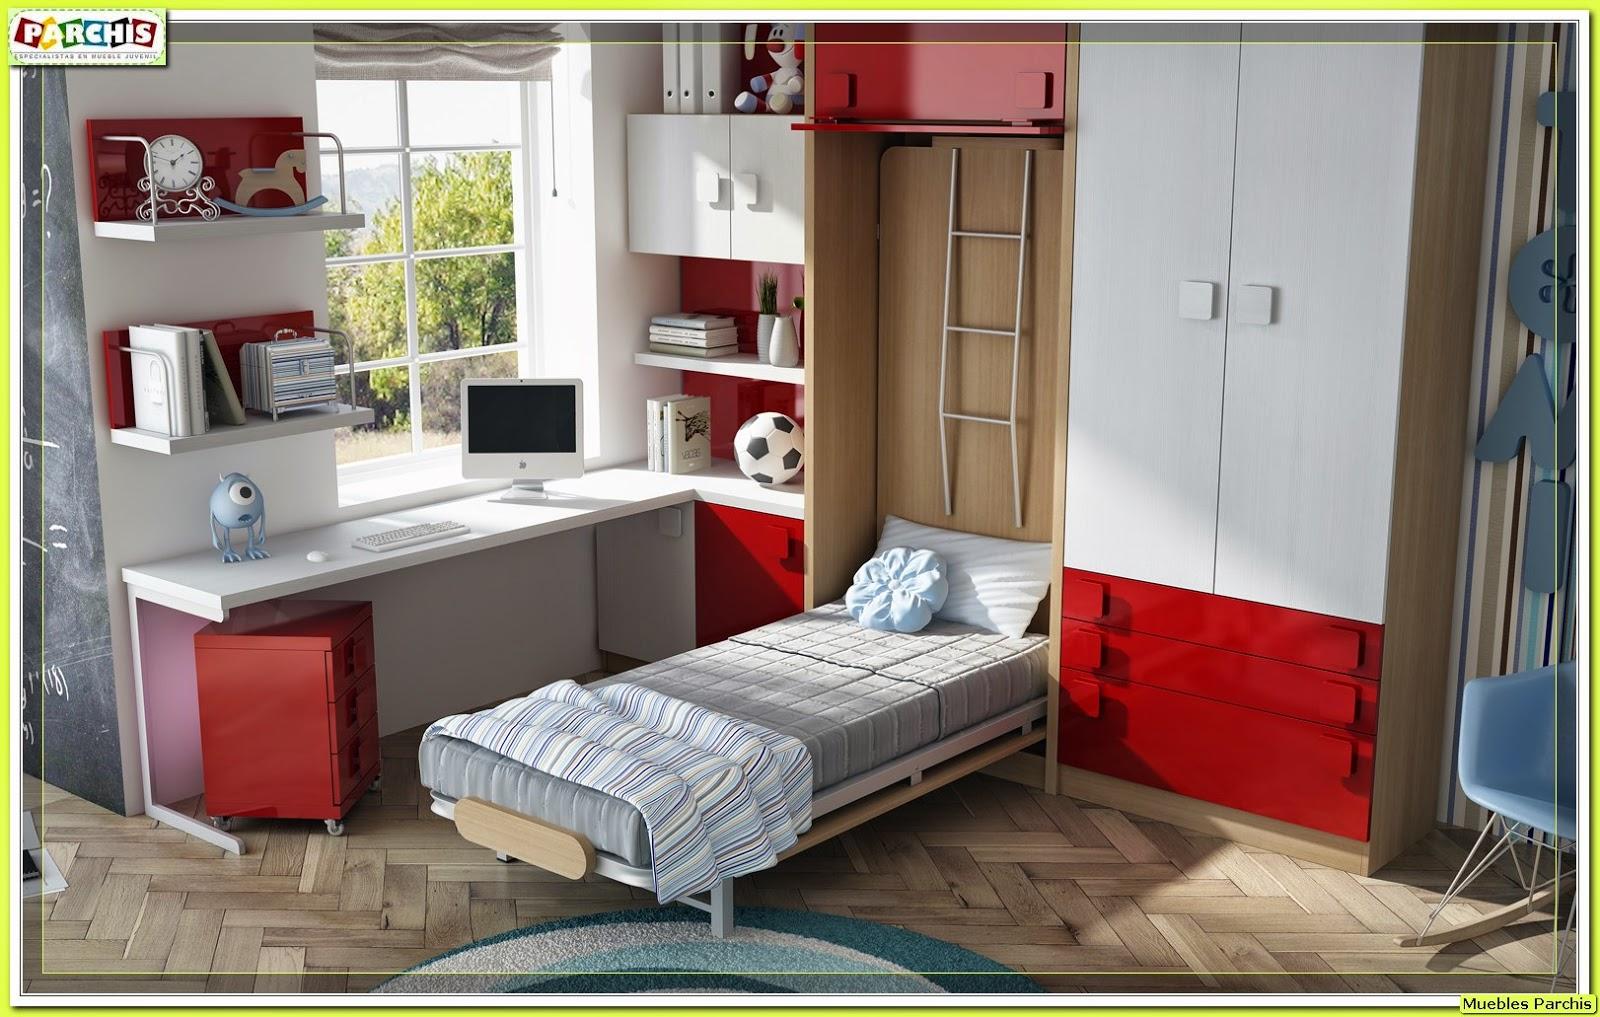 Imagenes de muebles de madera para dormitorio - Imagenes dormitorios juveniles ...